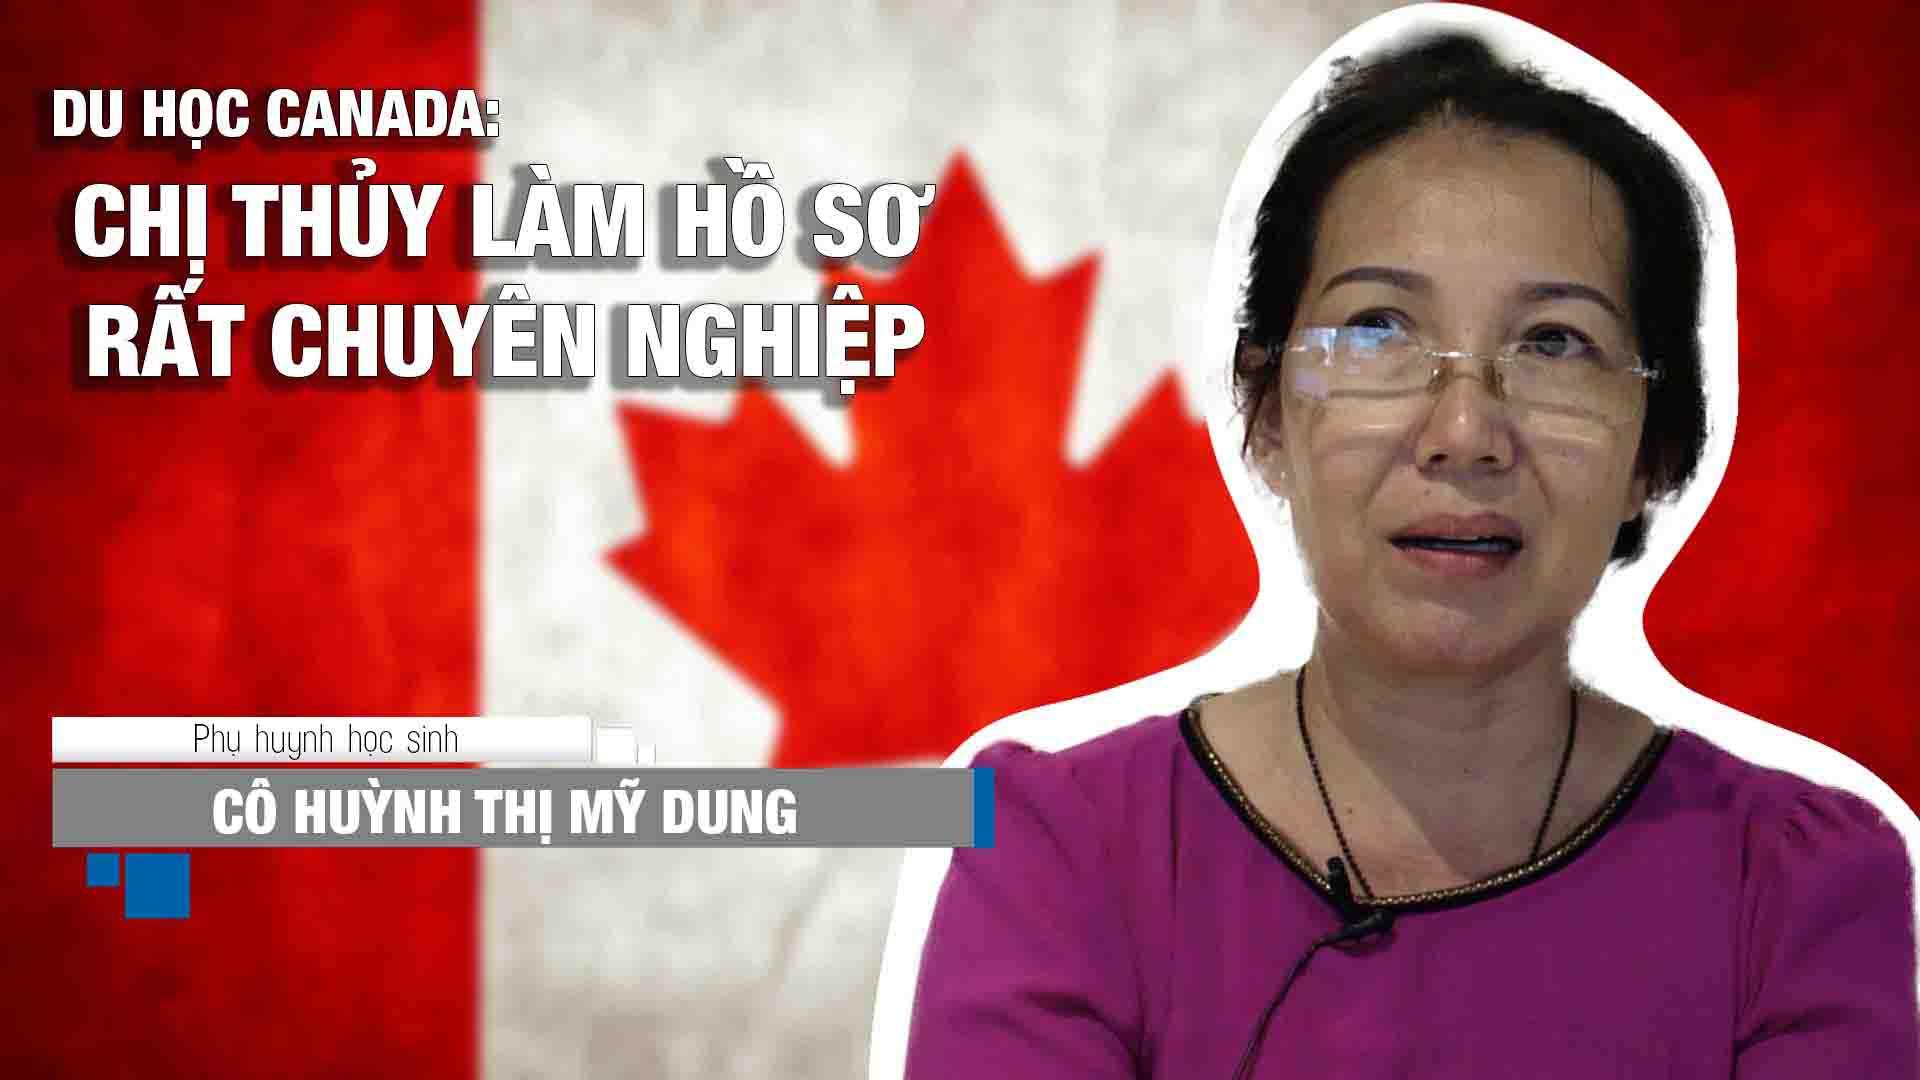 Những chia sẻ thực tế của cô Huỳnh Thị Mỹ Dung, phụ huynh bạn Đỗ Thể Uyên, du học ngành Hóa môi trường tại Đại học Thompson River về những khó khăn trong việc chuẩn bị hồ sơ và xin visa du học Canada.